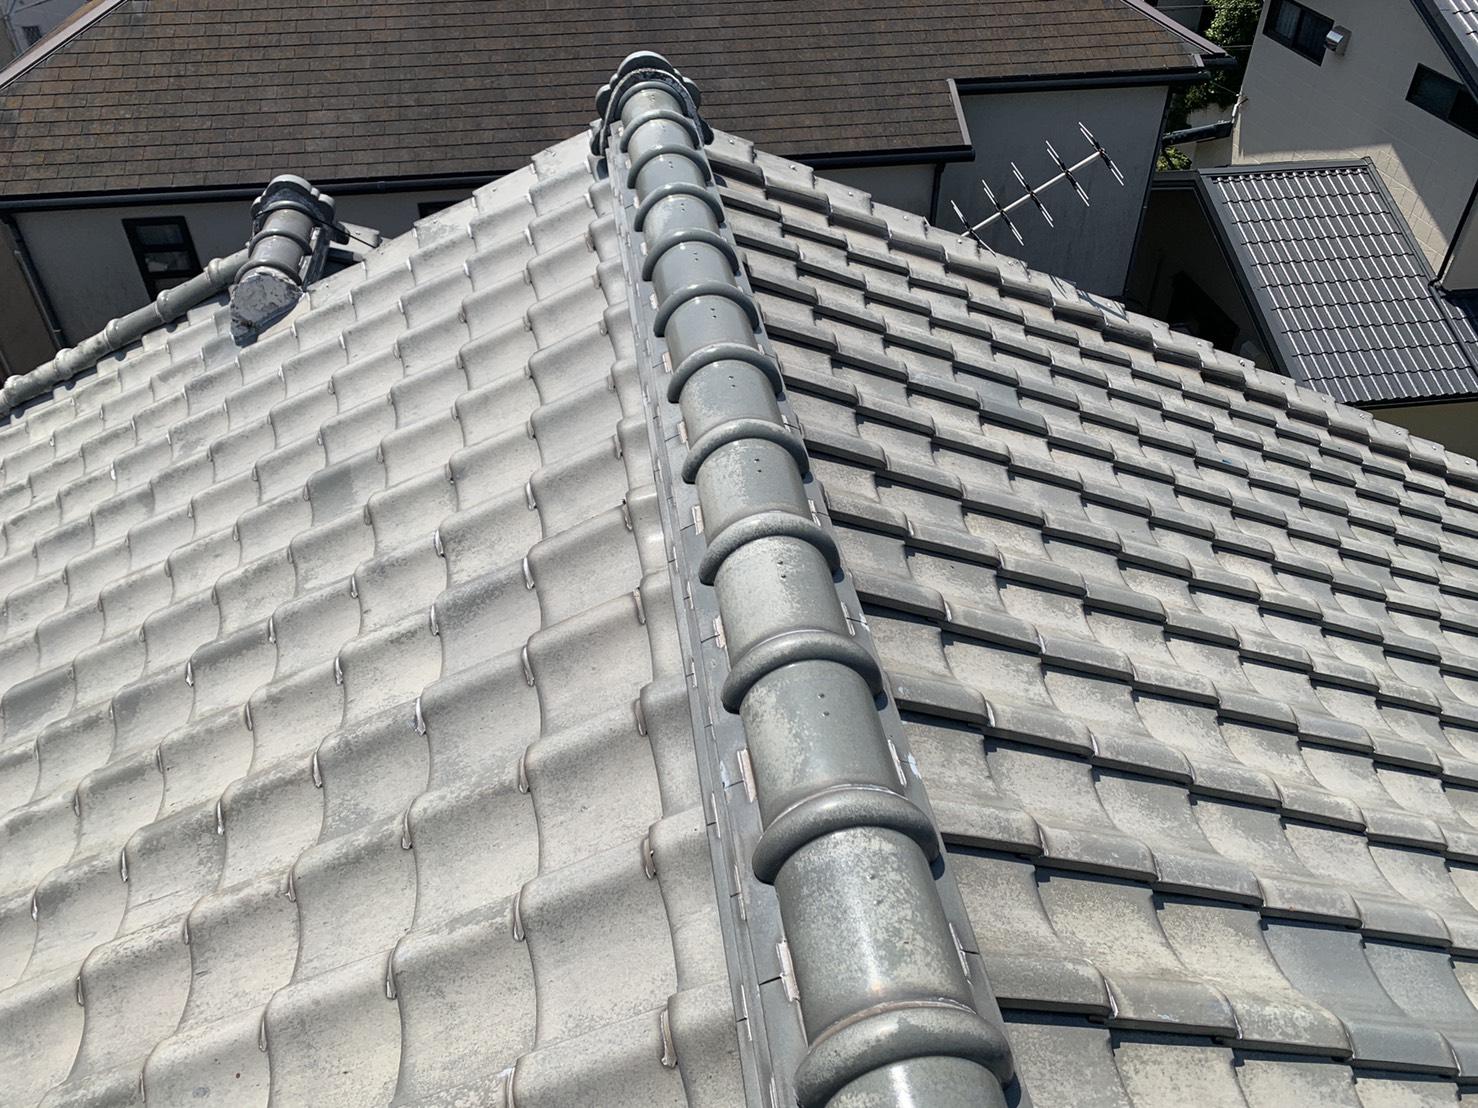 アンテナ倒壊による屋根被害がないかを調査している様子